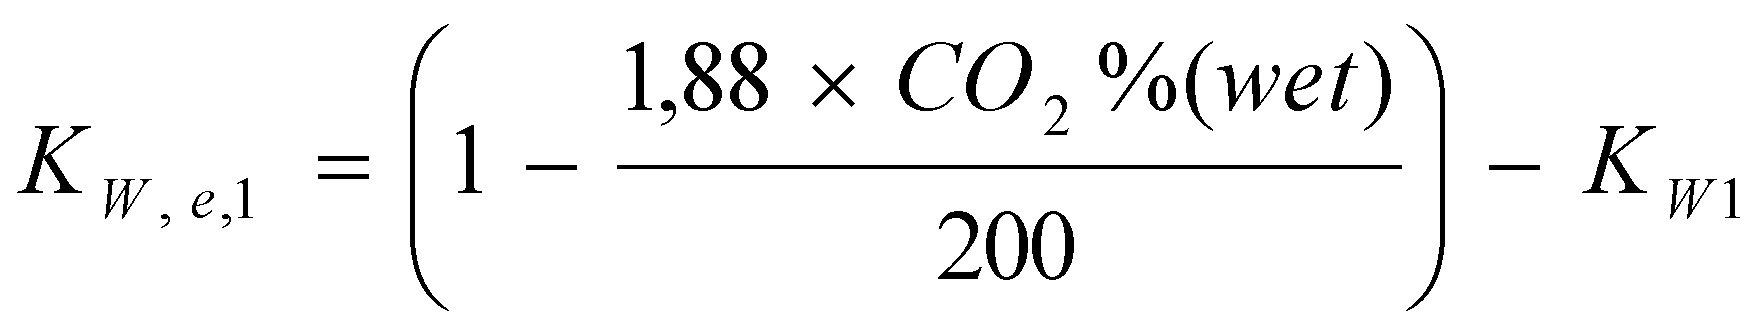 EUR-Lex - 01997L0068-20161006 - EN - EUR-Lex